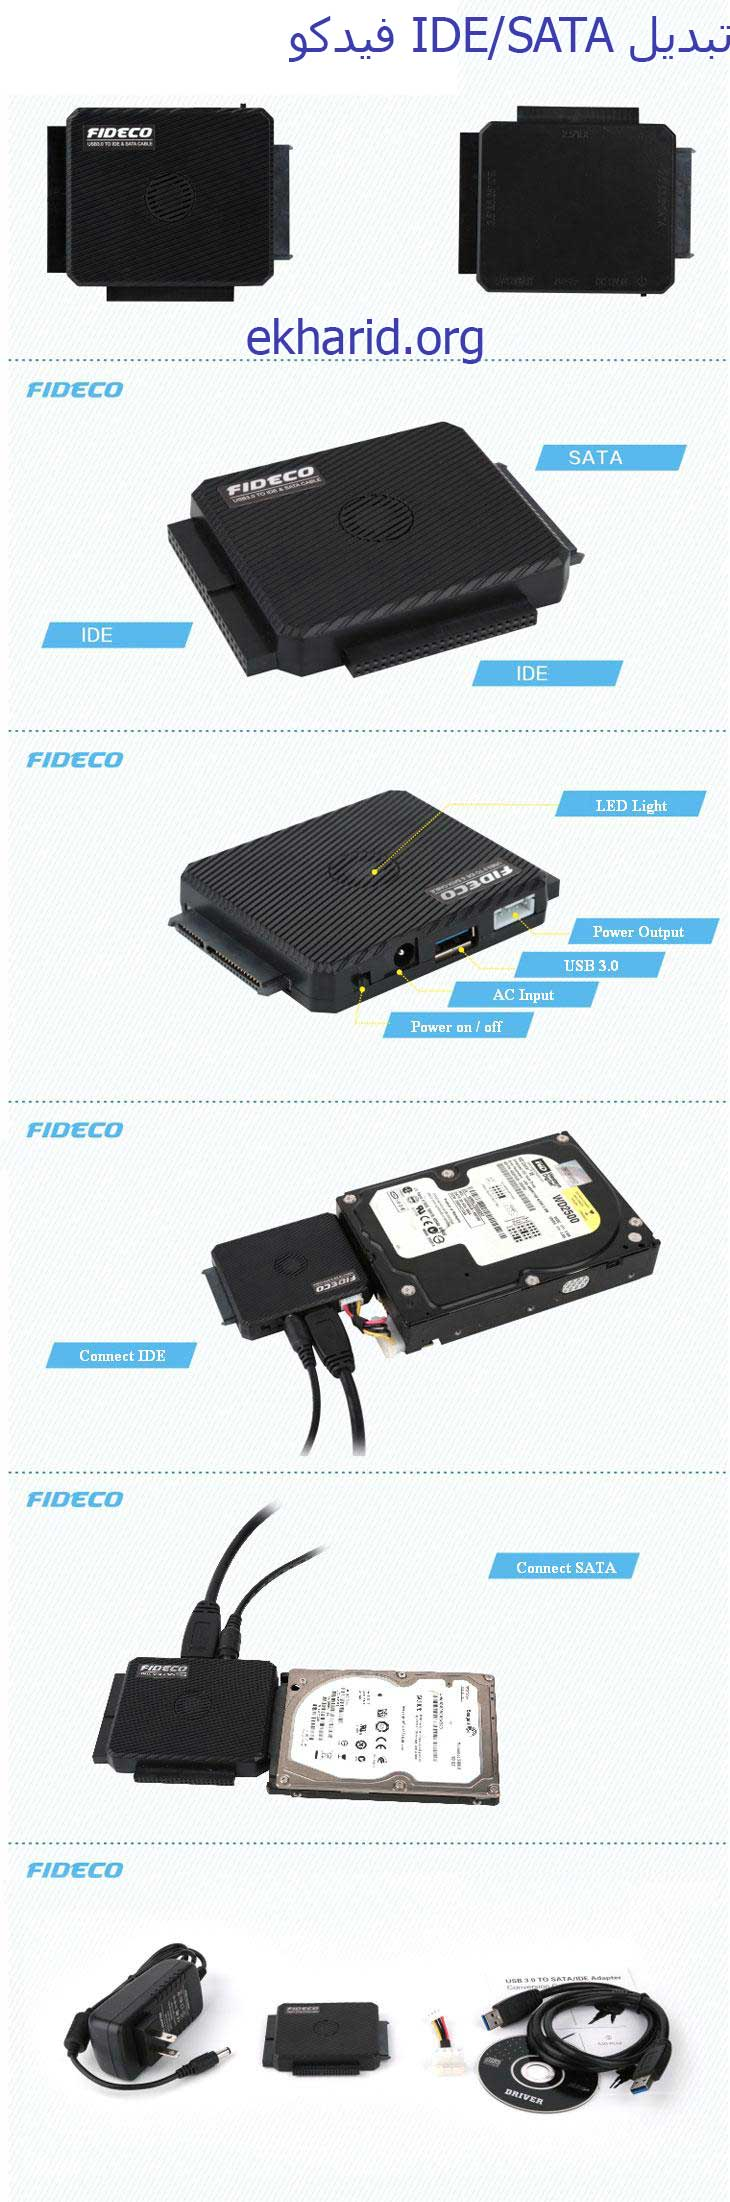 تبدیل آی دی ای و ساتا فیدکو USB 3.0 to IDE/SATA Converter FIDECO